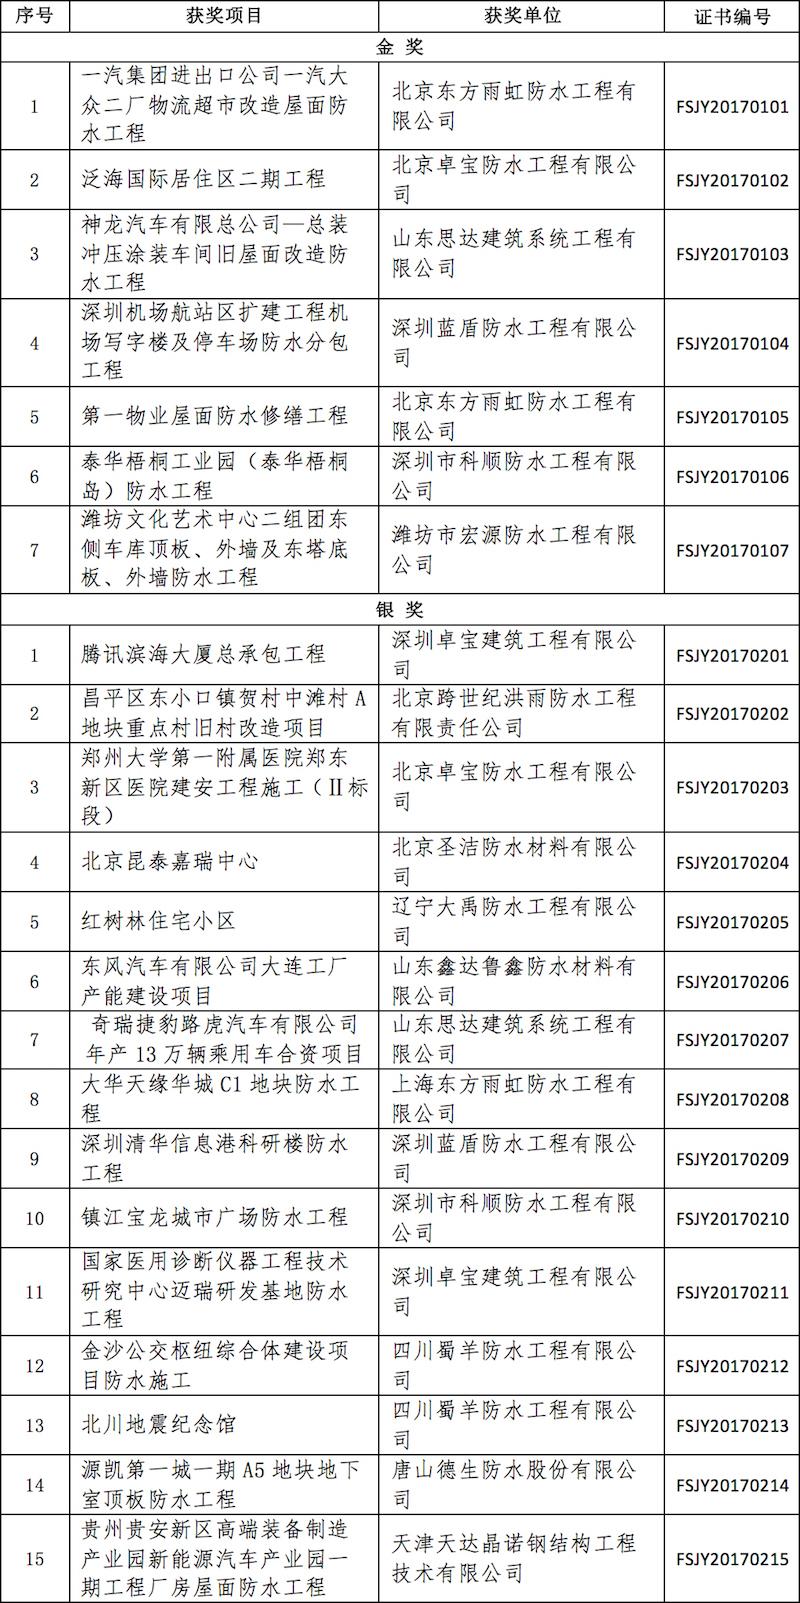 2017年度建筑防水行业科学技术奖—工程技术奖(金禹奖) 获奖项目名单 .jpg